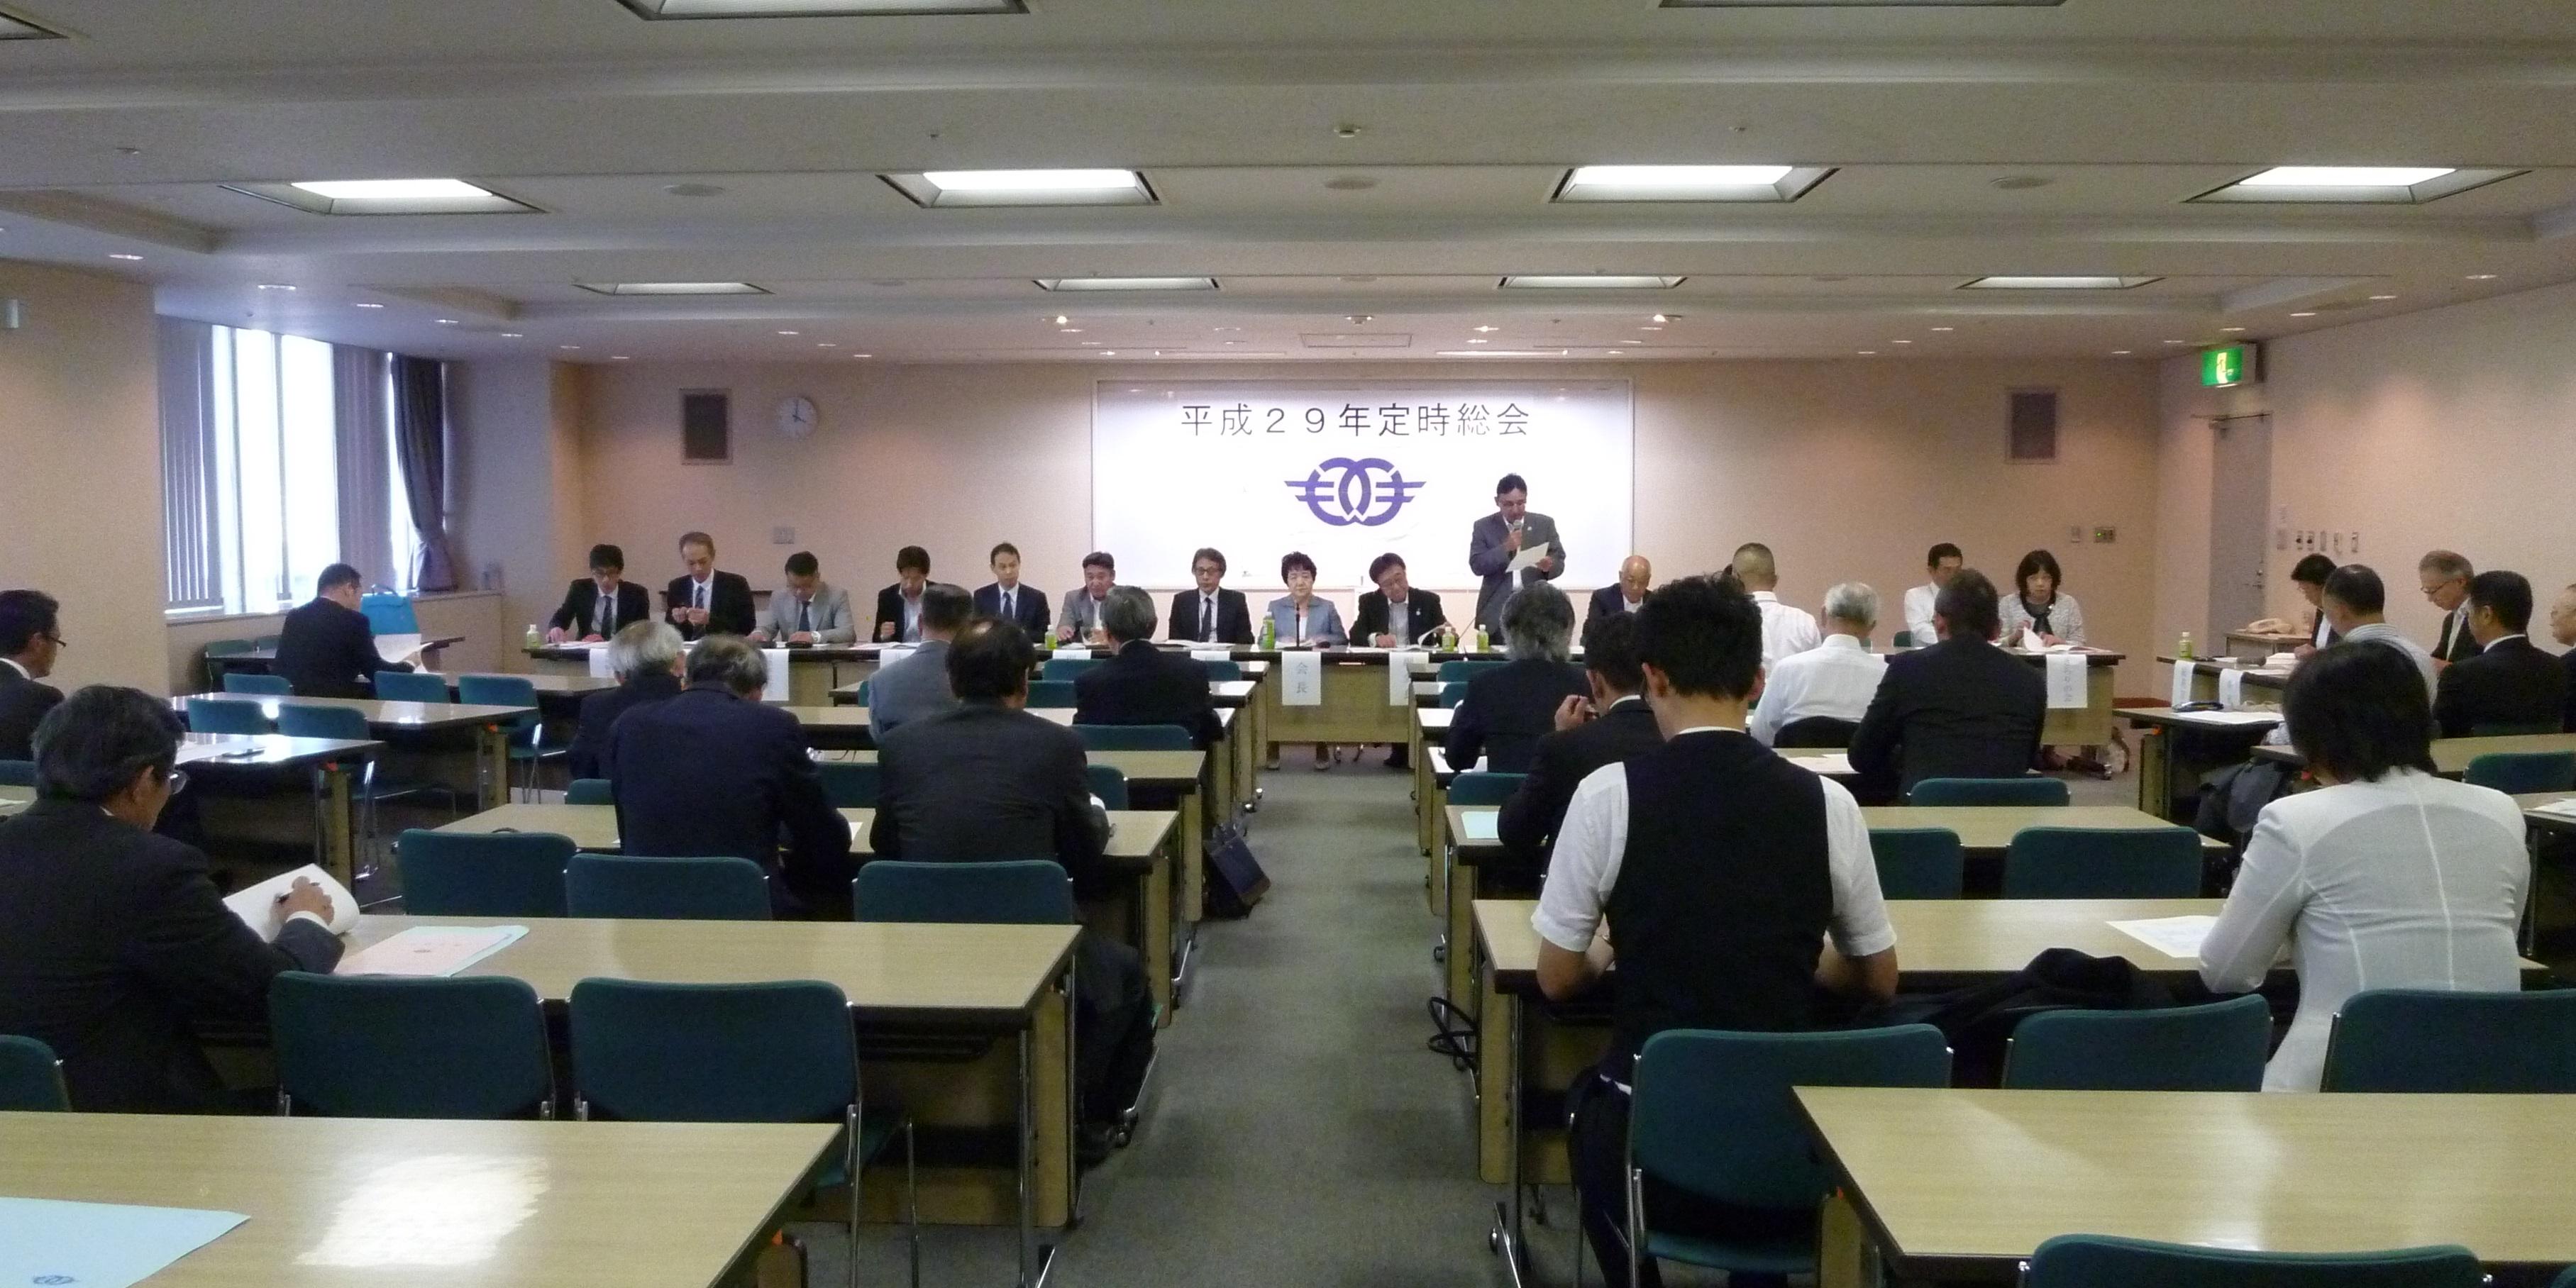 平成29年 定時総会を開催しました